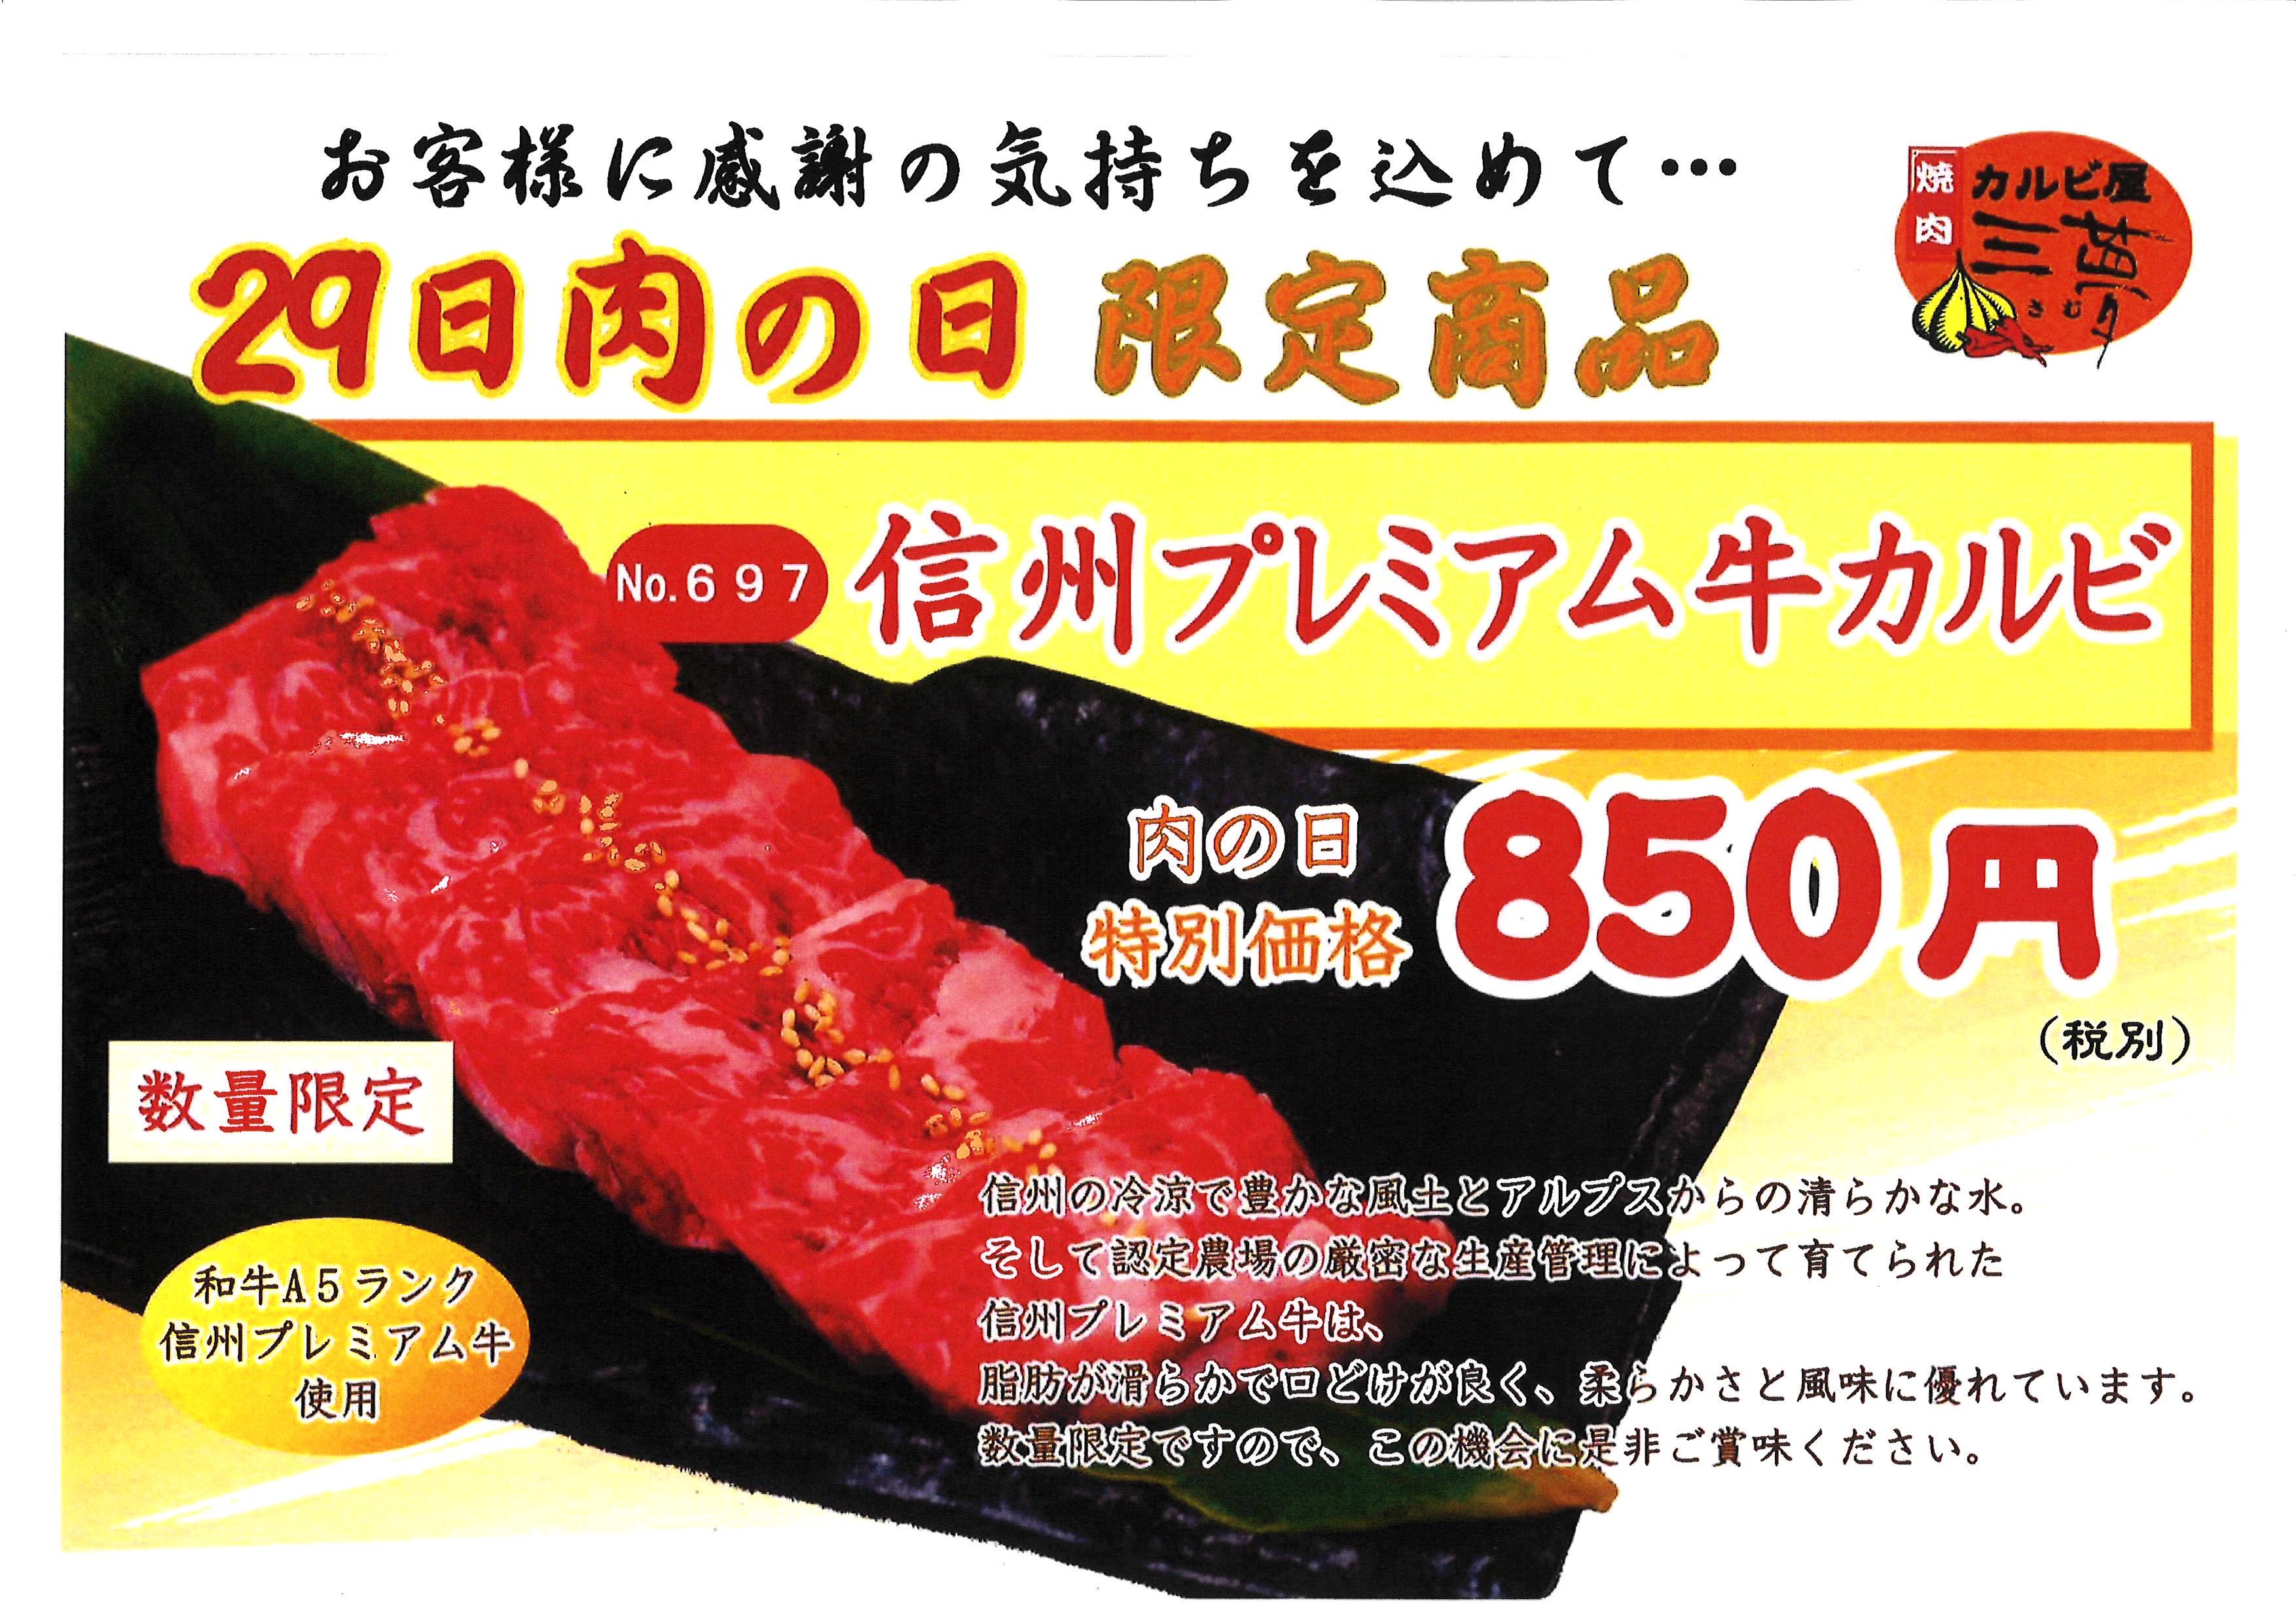 カルビ屋三夢の肉の日!!! 9月29日です!!!